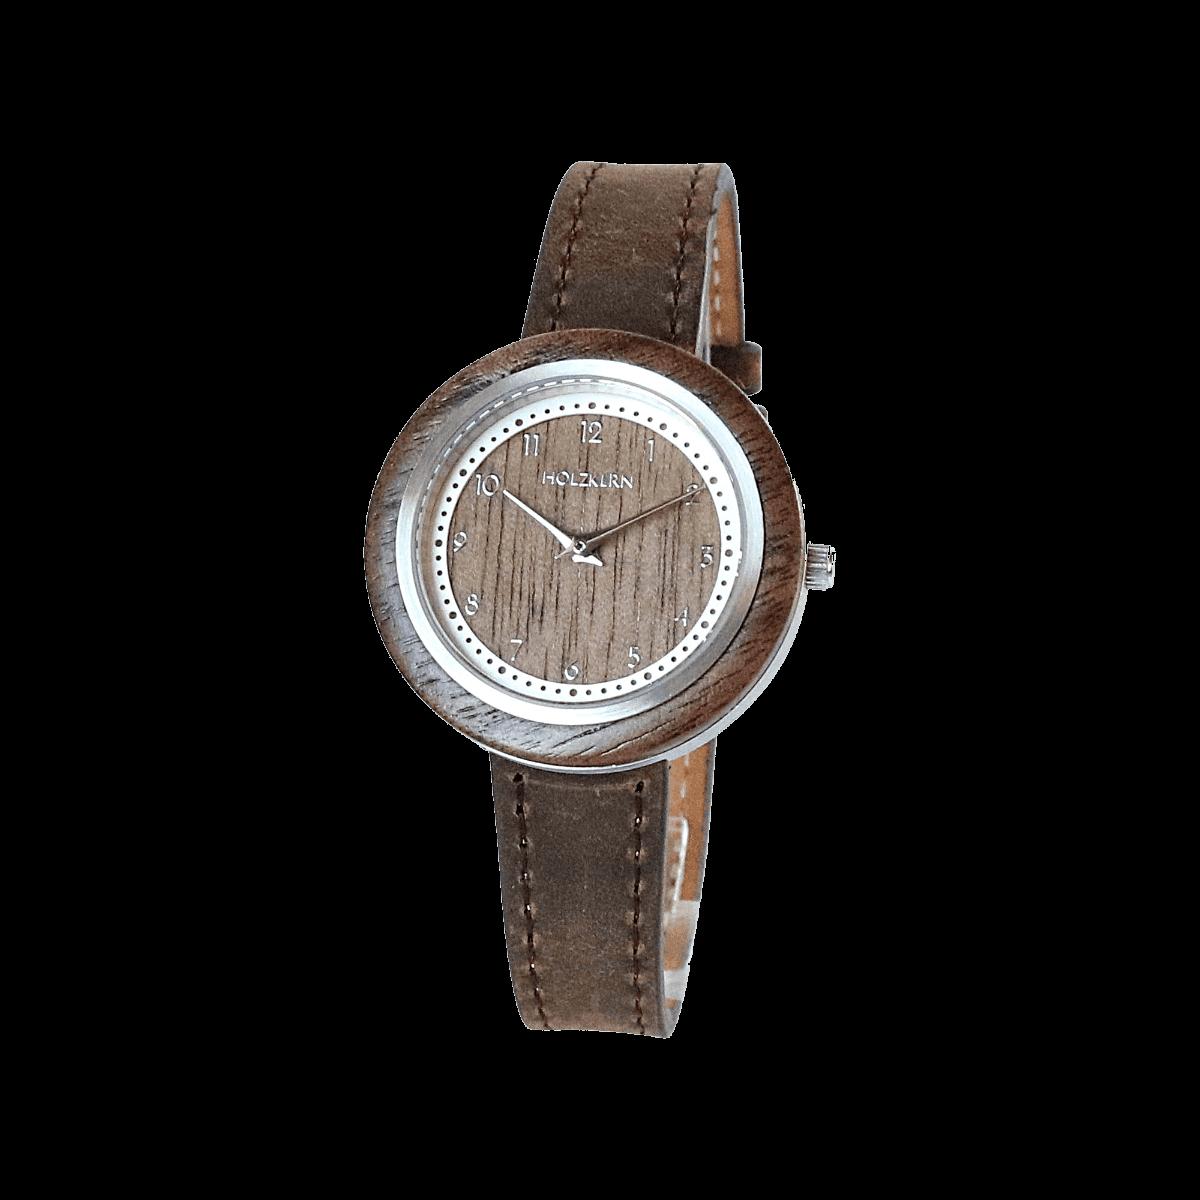 Walnussholz undd ein Echtlederarmband machen die Holzuhr Pergola zu einem besonderen Exemplar